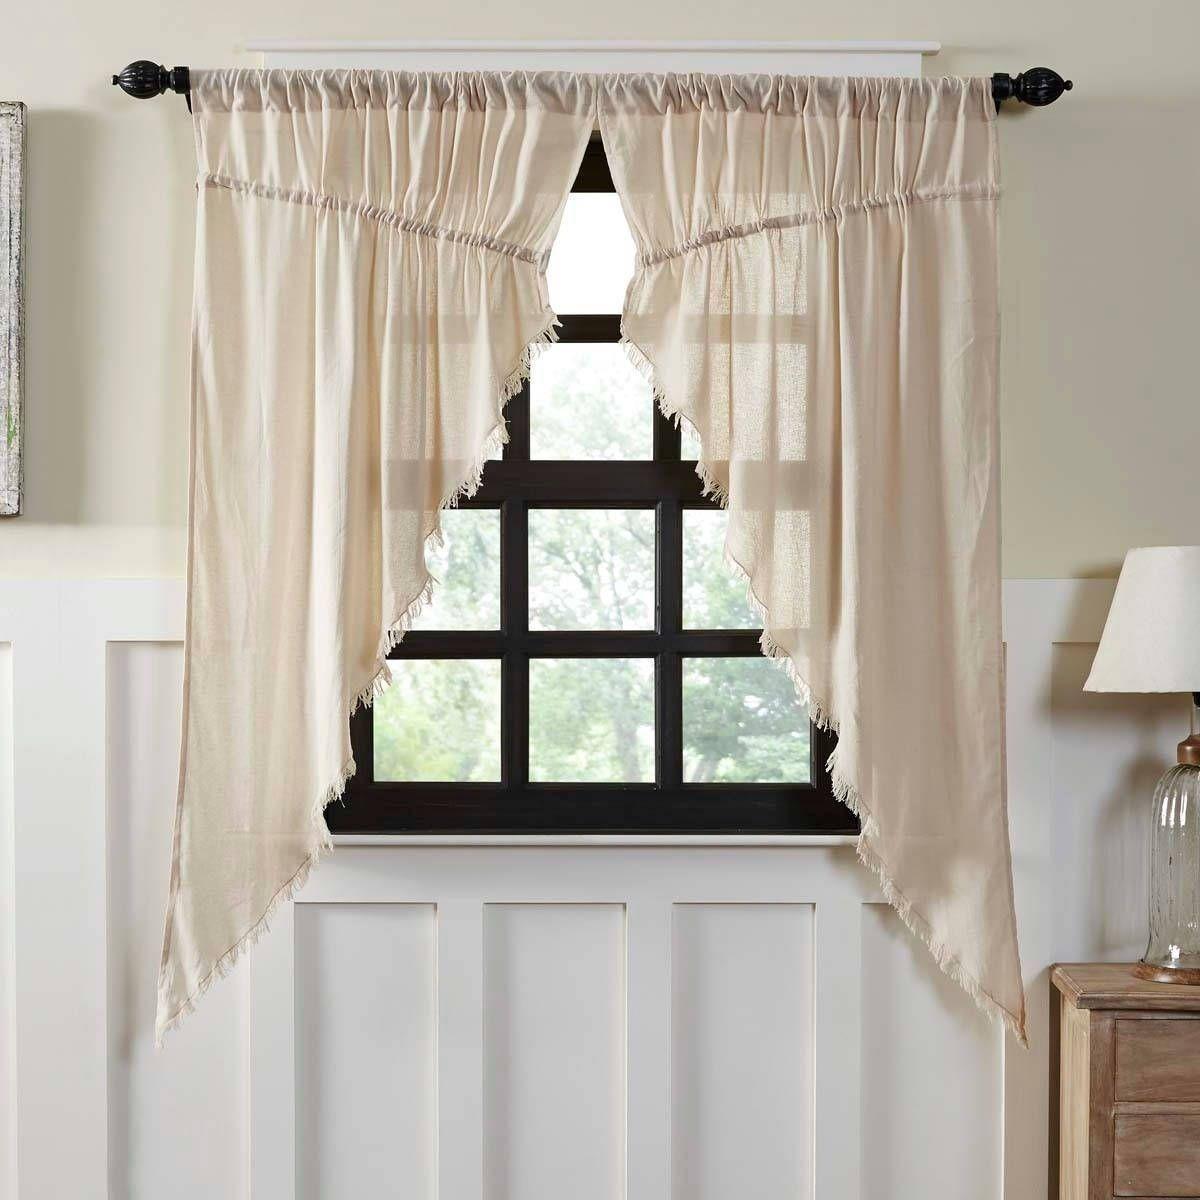 Tobacco Cloth Fringed Prairie Curtain Set 63 X 36 Country Curtains Curtains Curtain Decor